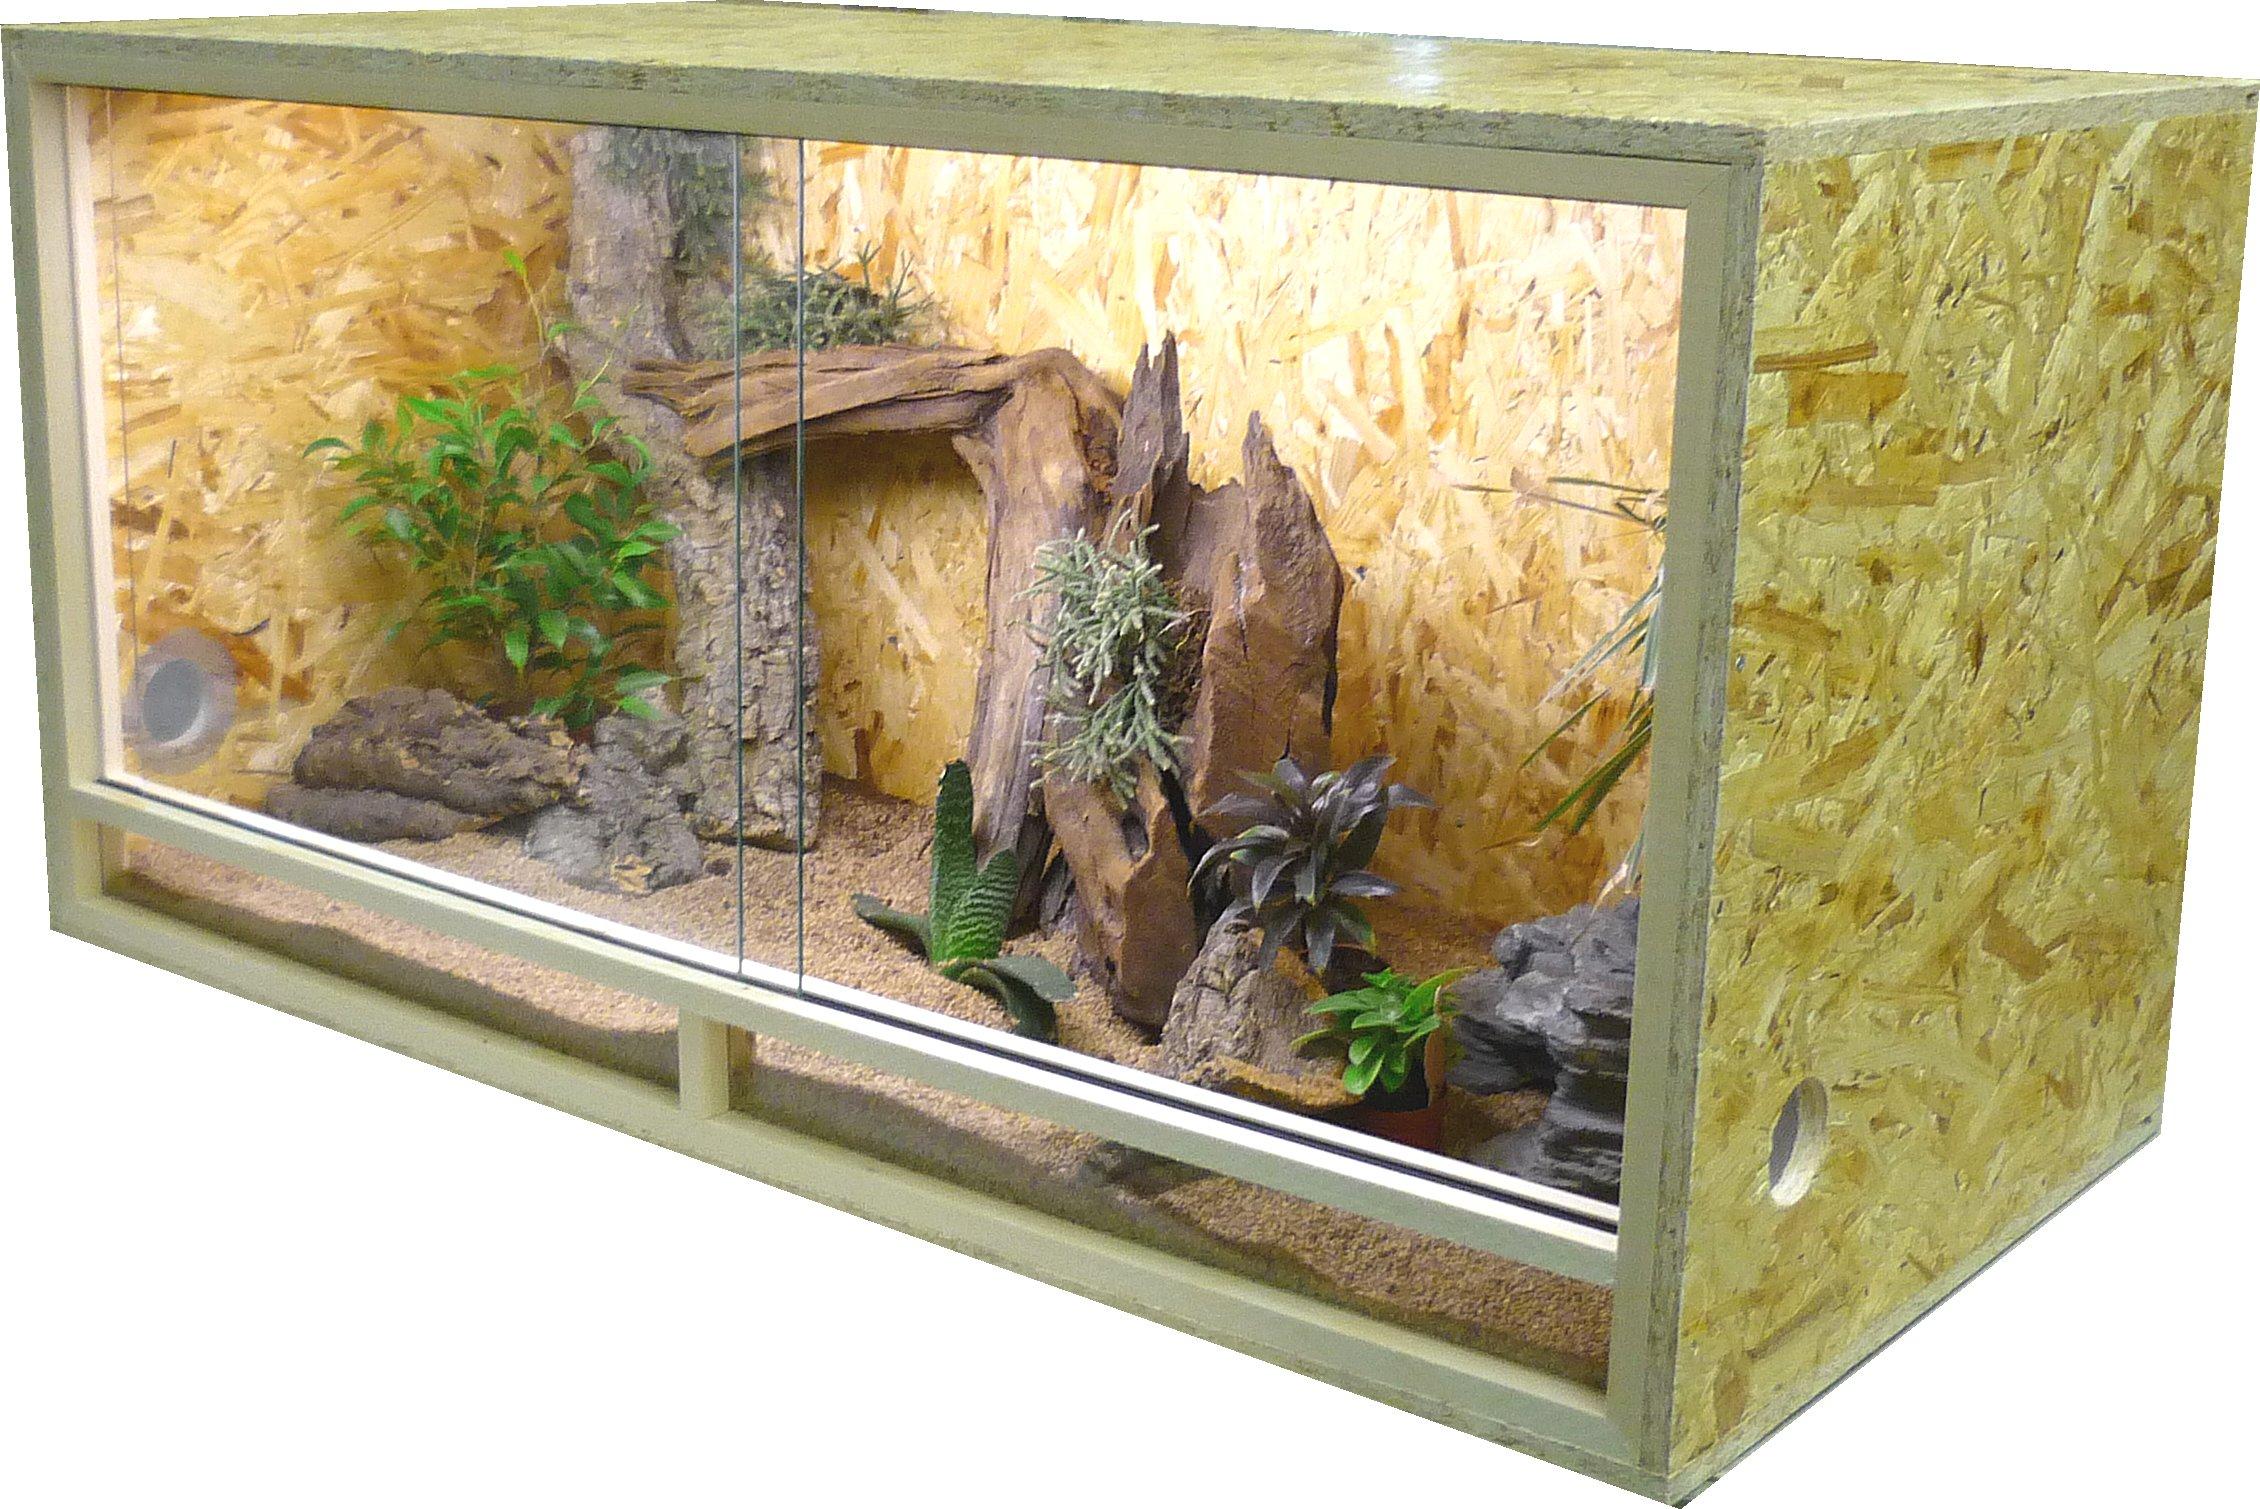 terrarium 180x80x80 bxtxh angebot der woche terrarien in leuna tiere kleinanzeigen. Black Bedroom Furniture Sets. Home Design Ideas